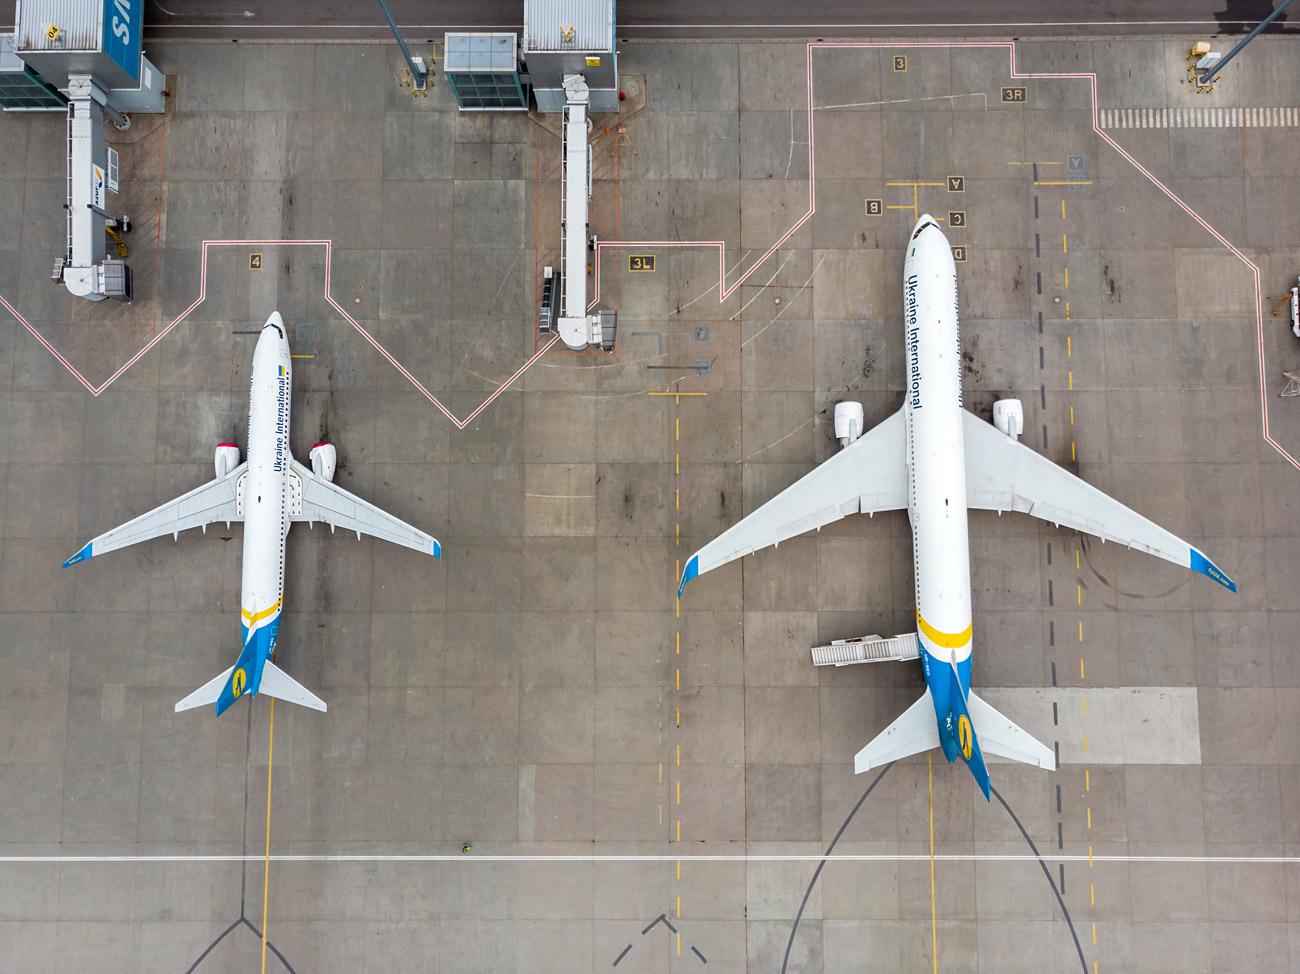 Самолеты МАУ на перроне у терминала D в аэропорту Борисполь. Фото с дрона